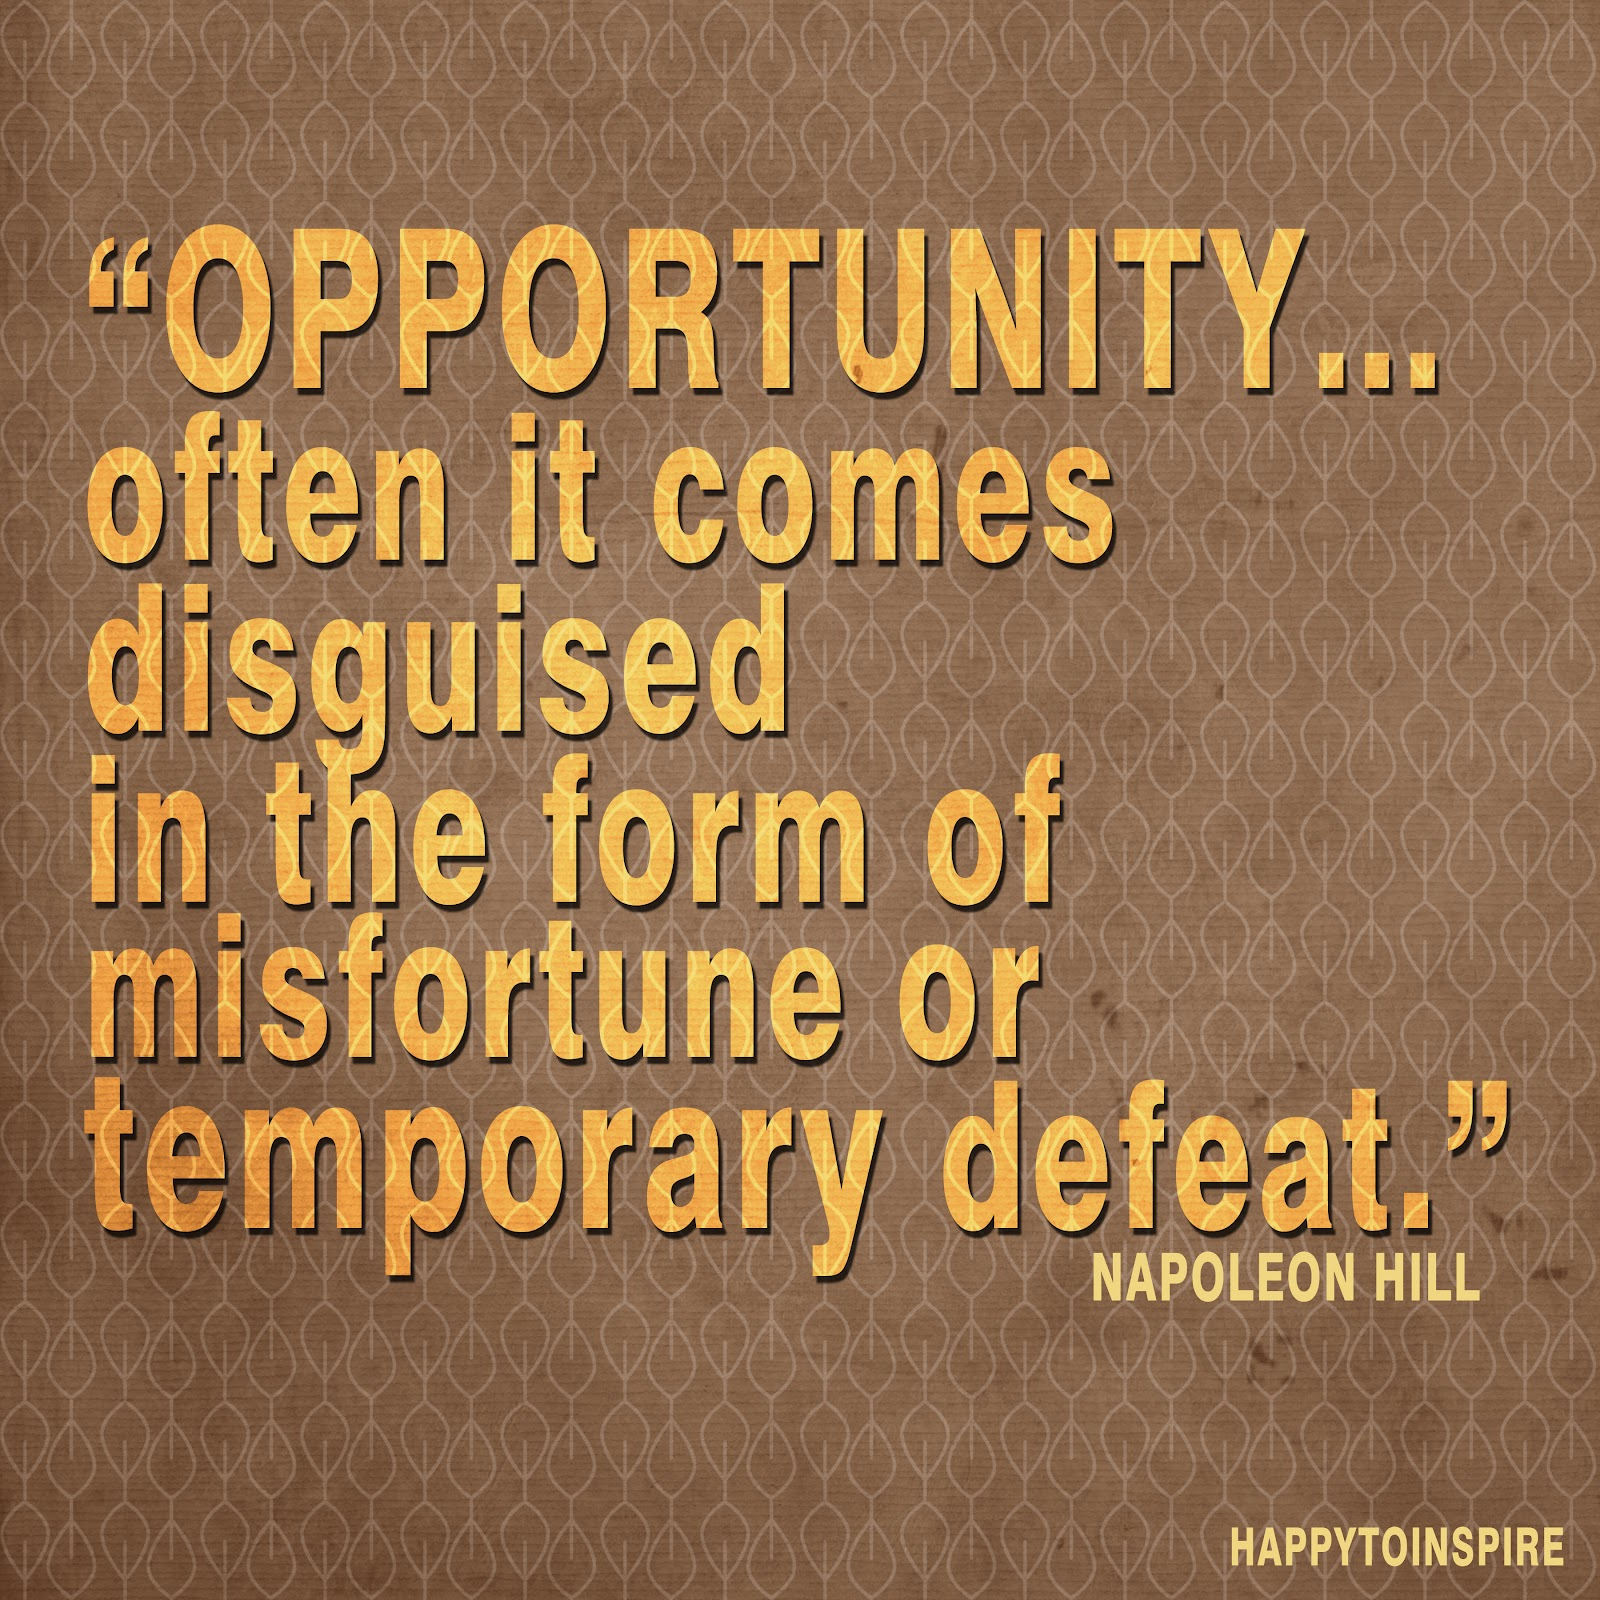 Napoleon quote #2